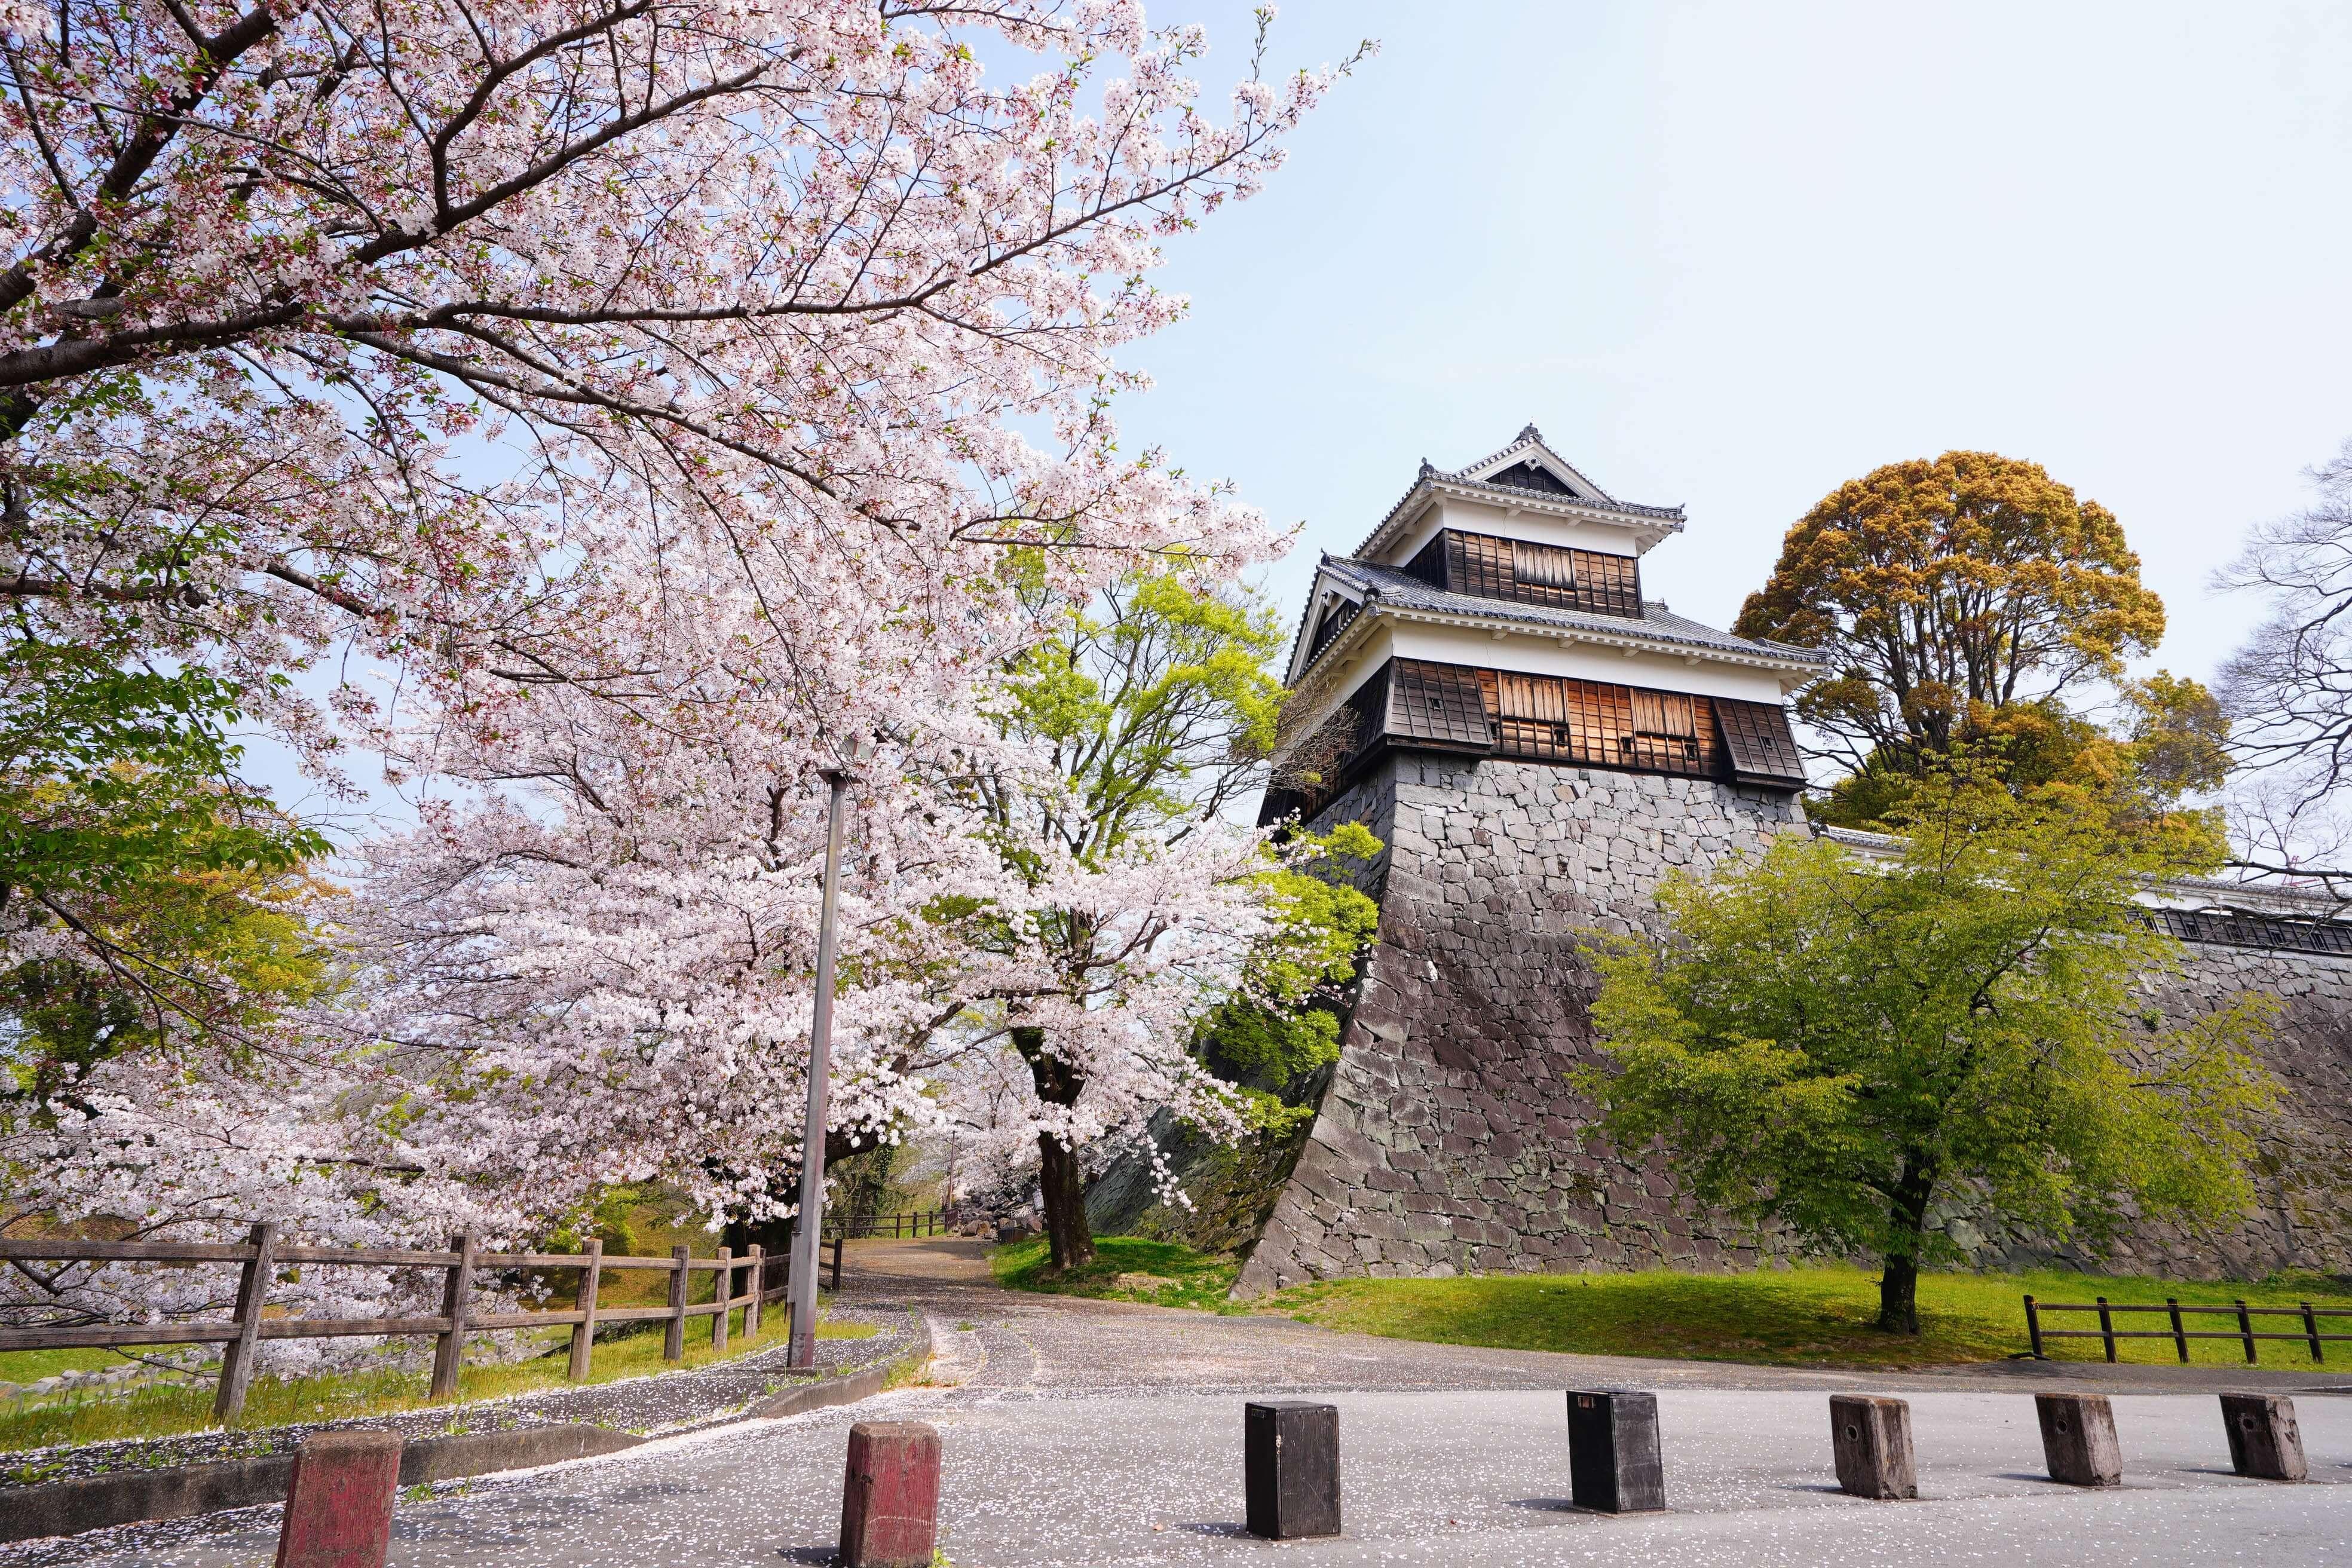 熊本出張。熊本城。アイキャッチ。